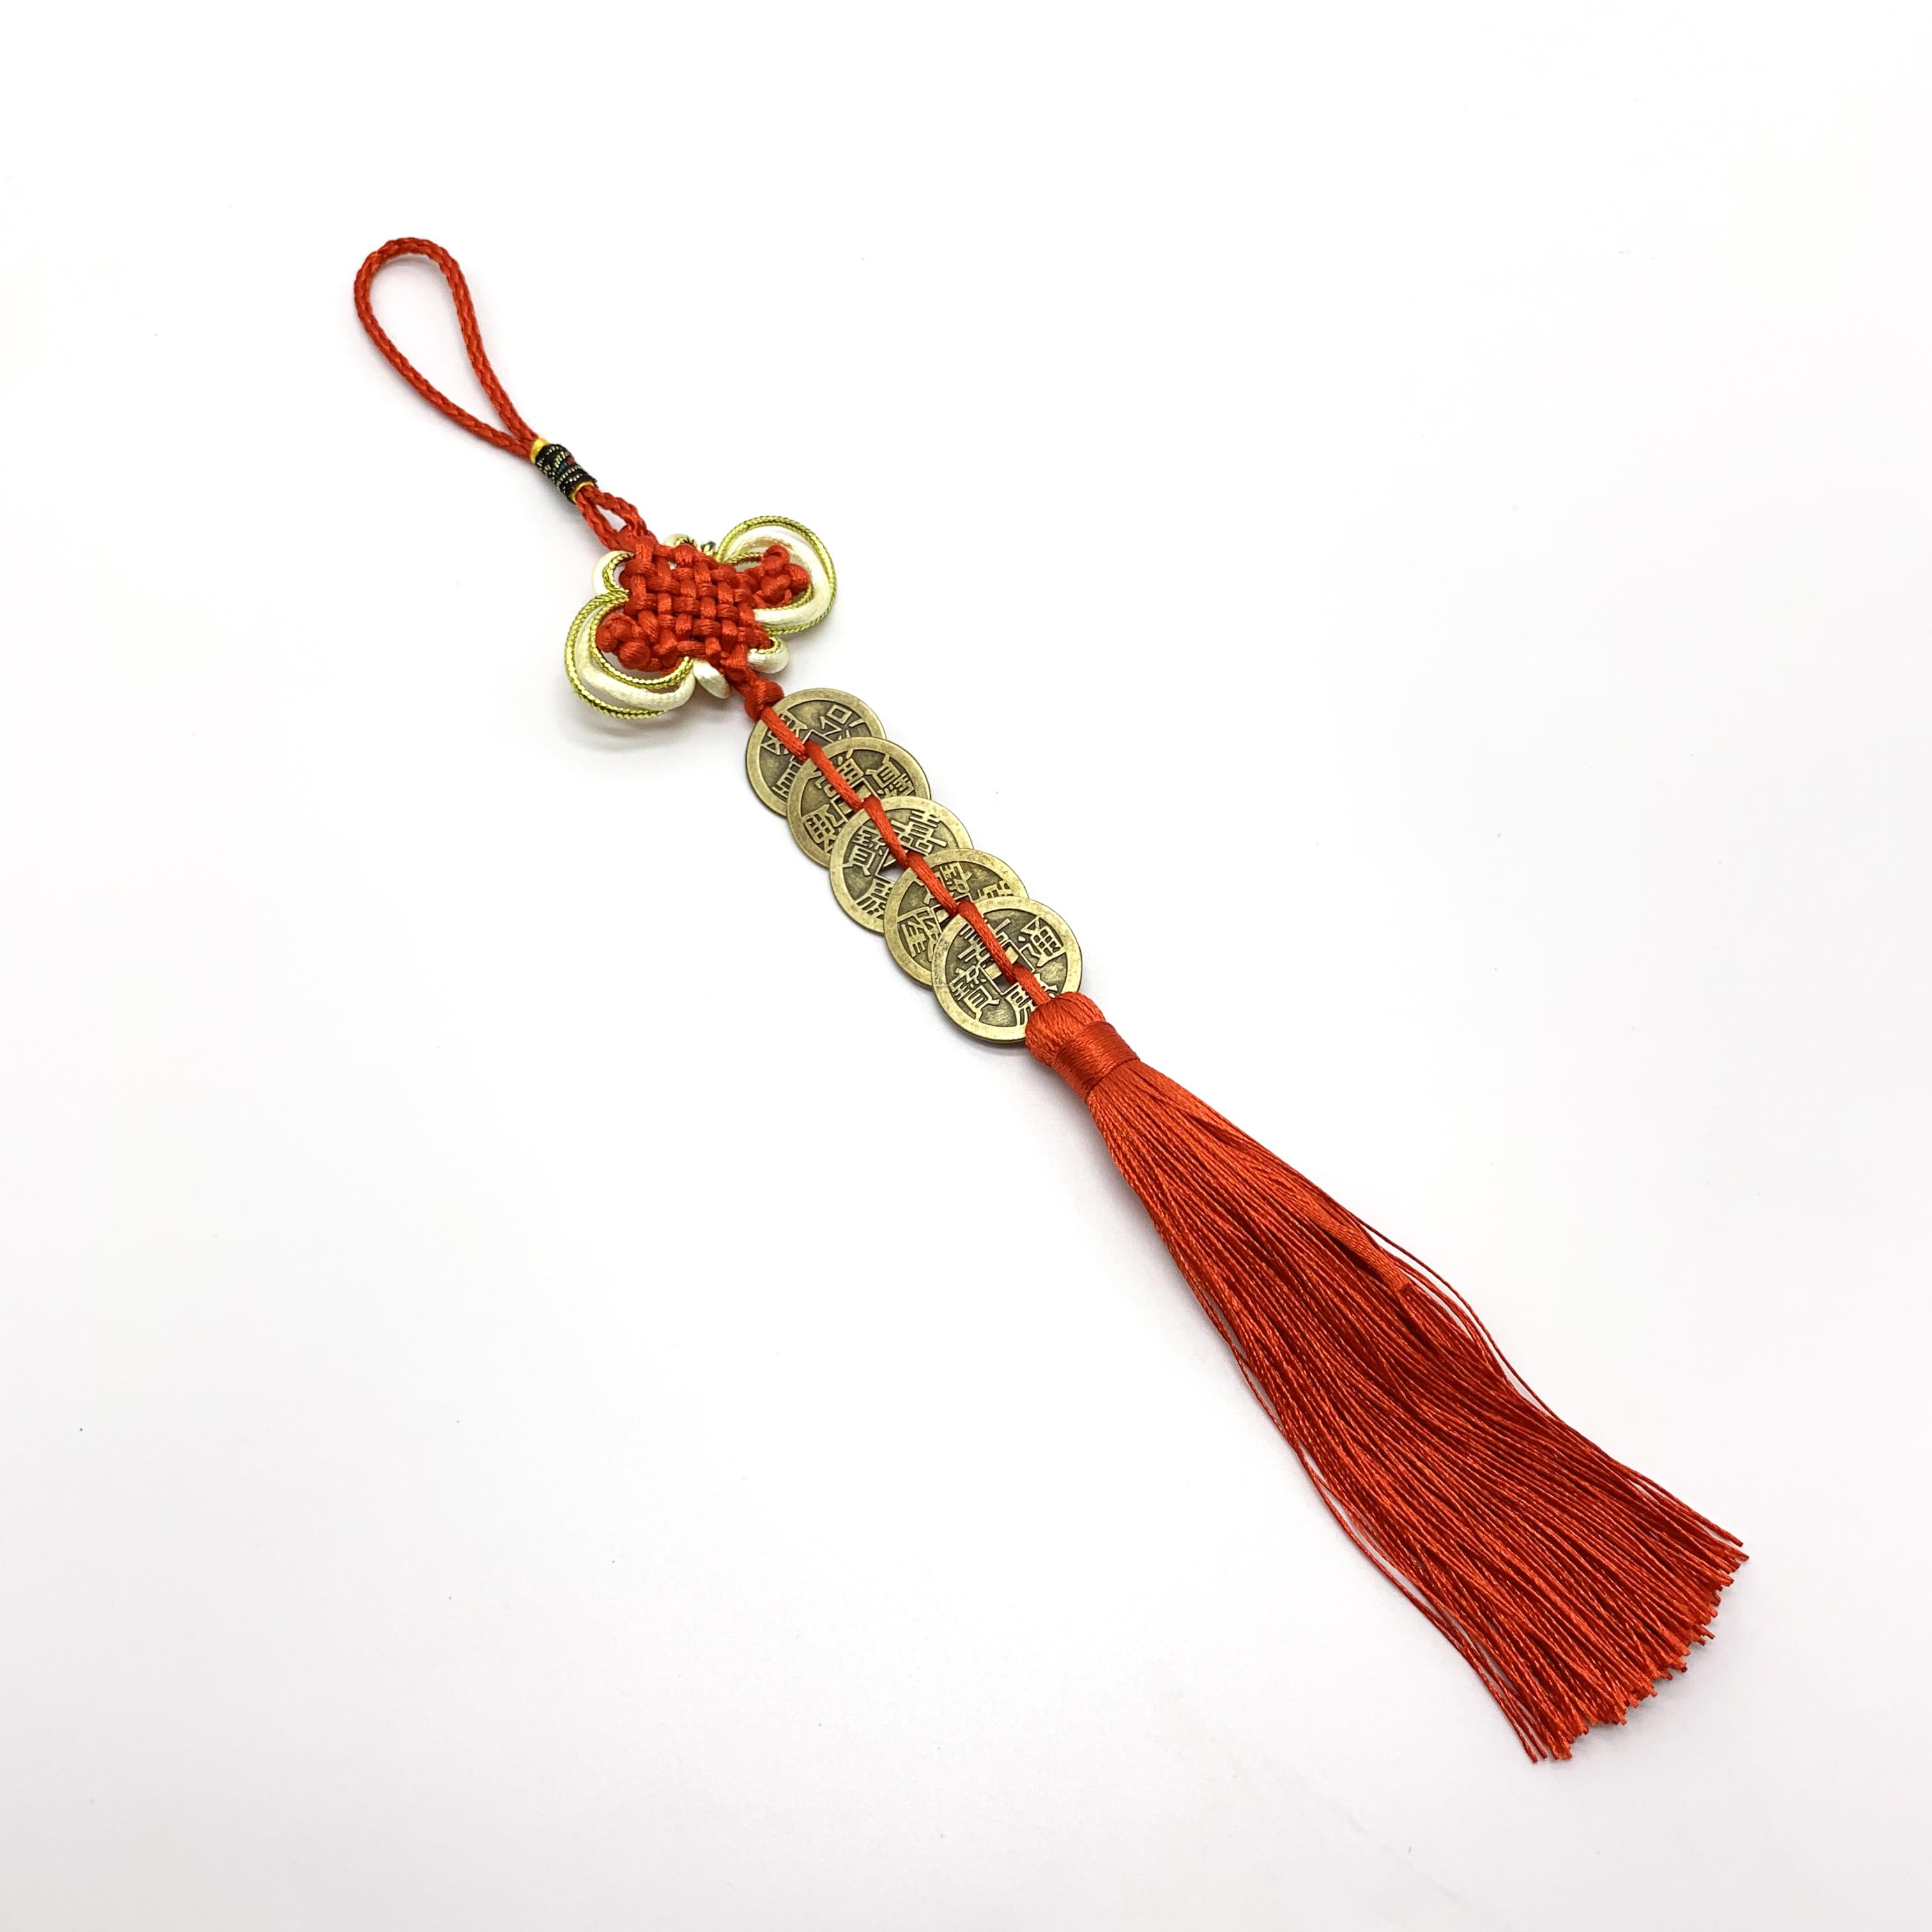 Gương bát quái phong thủy mang may mắn đến cho mọi nhà - Tặng dây treo đồng xu cổ